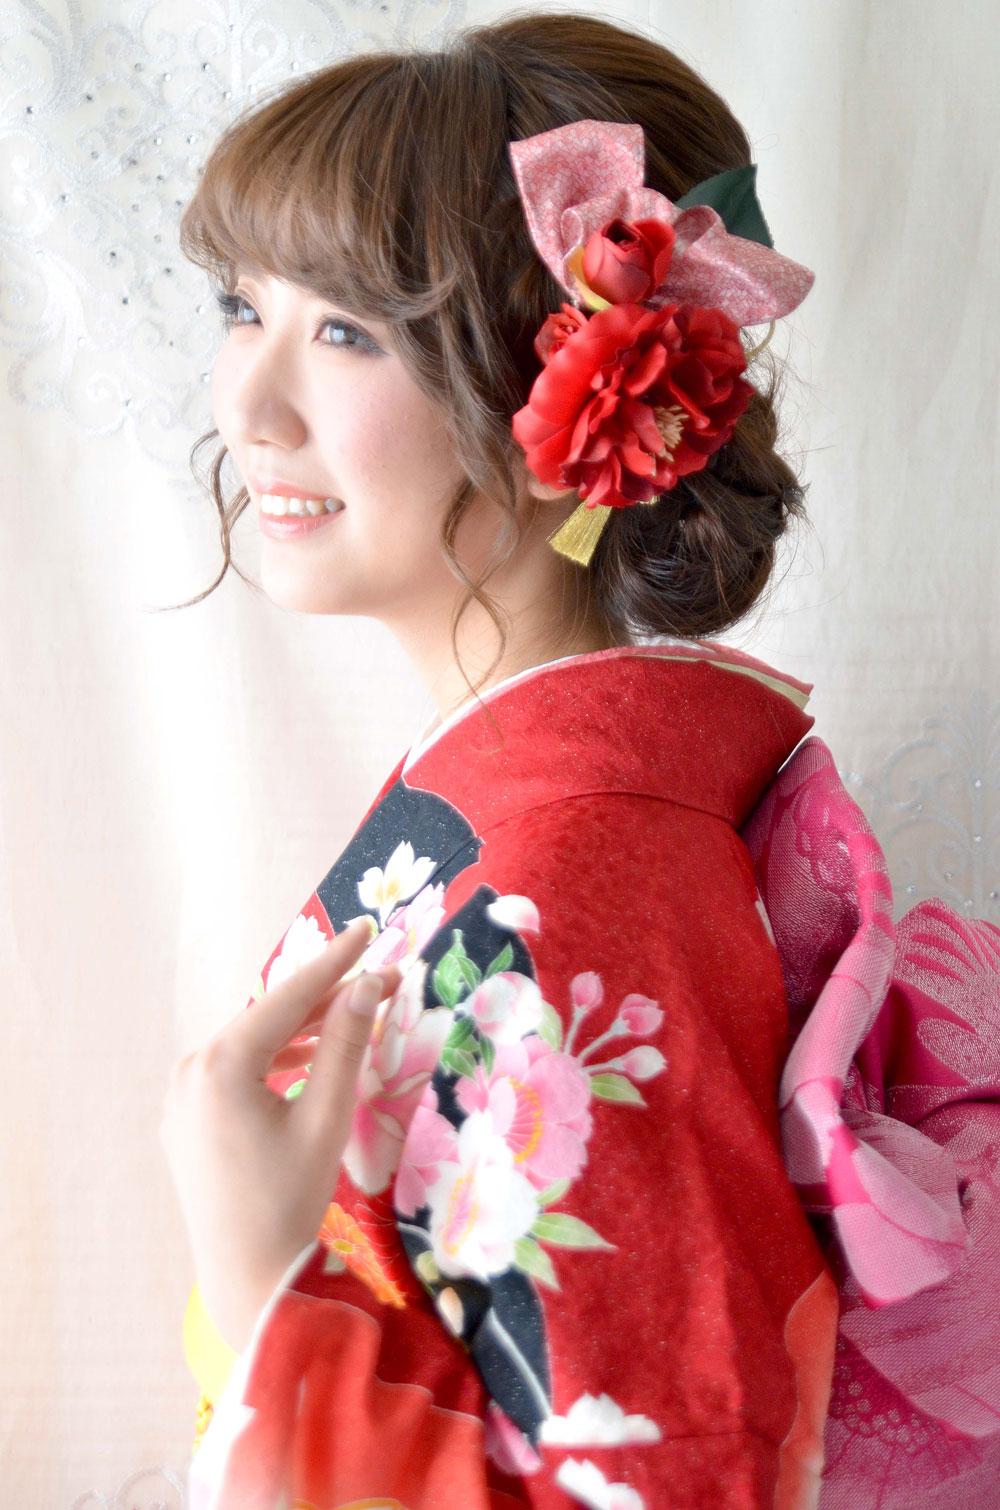 ヘッドドレス成人式 髪飾り【紅椿べにつばき】小春シリーズ